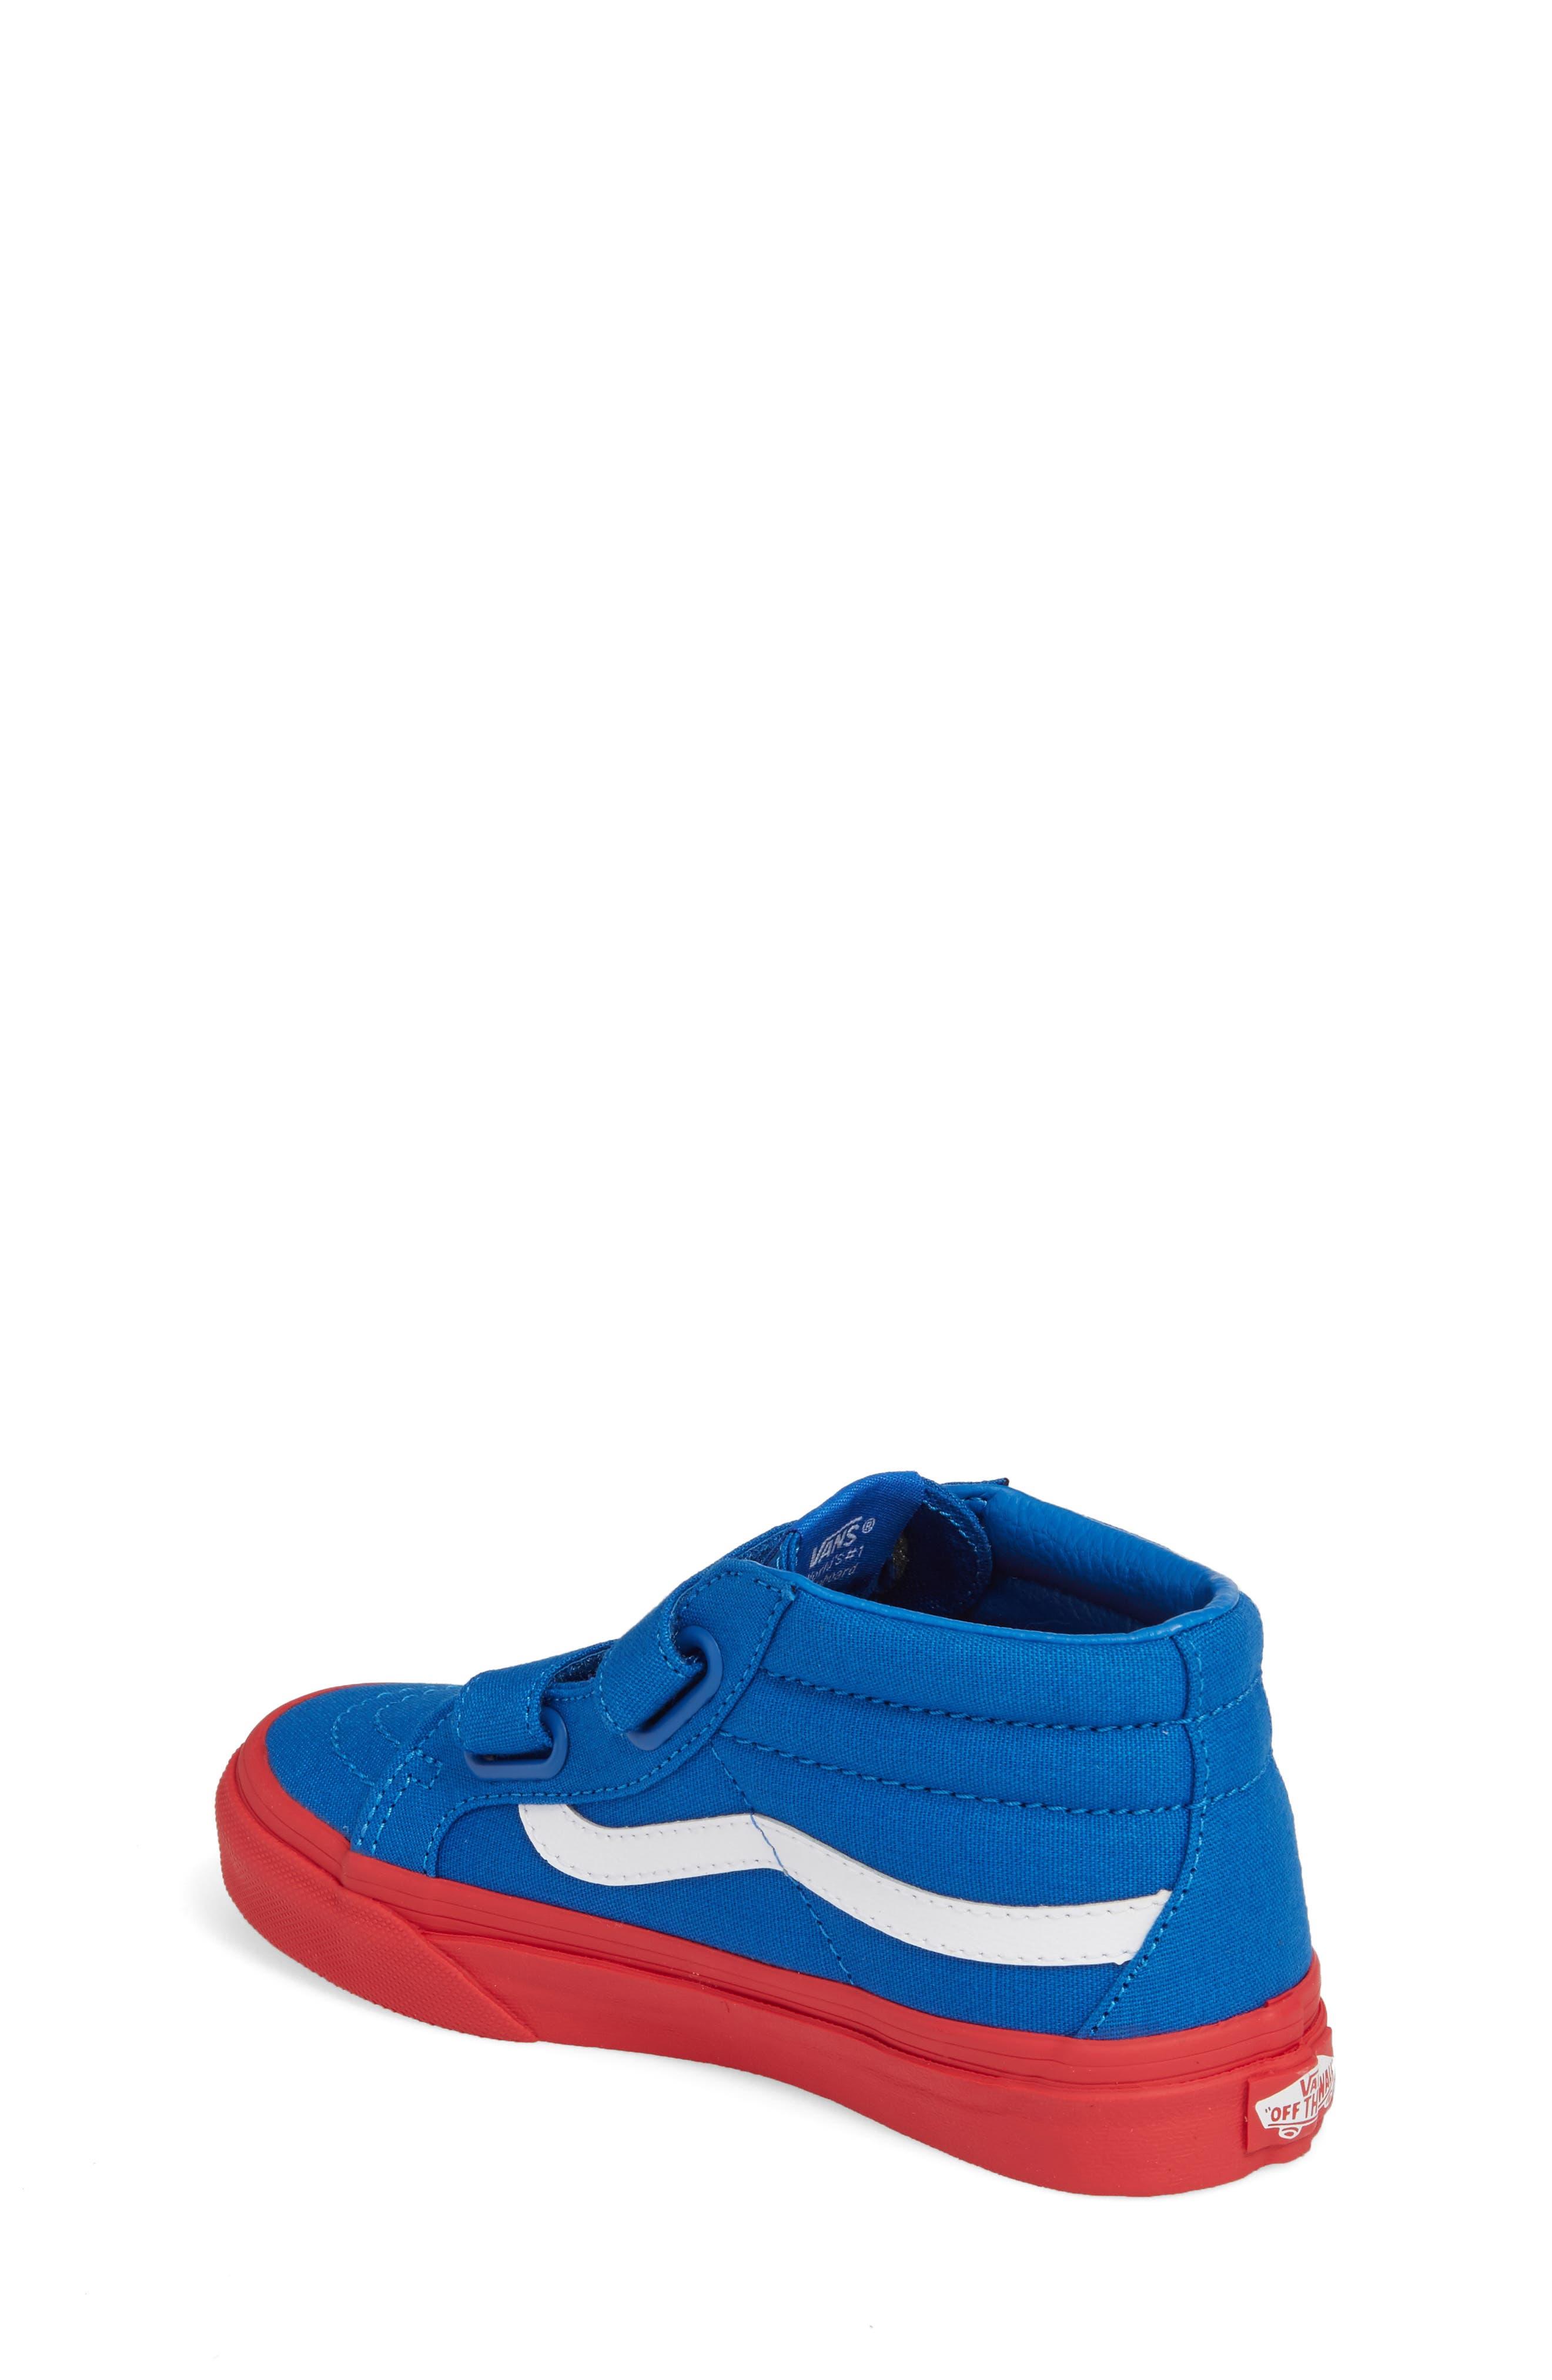 VANS,                             Sk8-Mid Reissue Sneaker,                             Alternate thumbnail 2, color,                             420